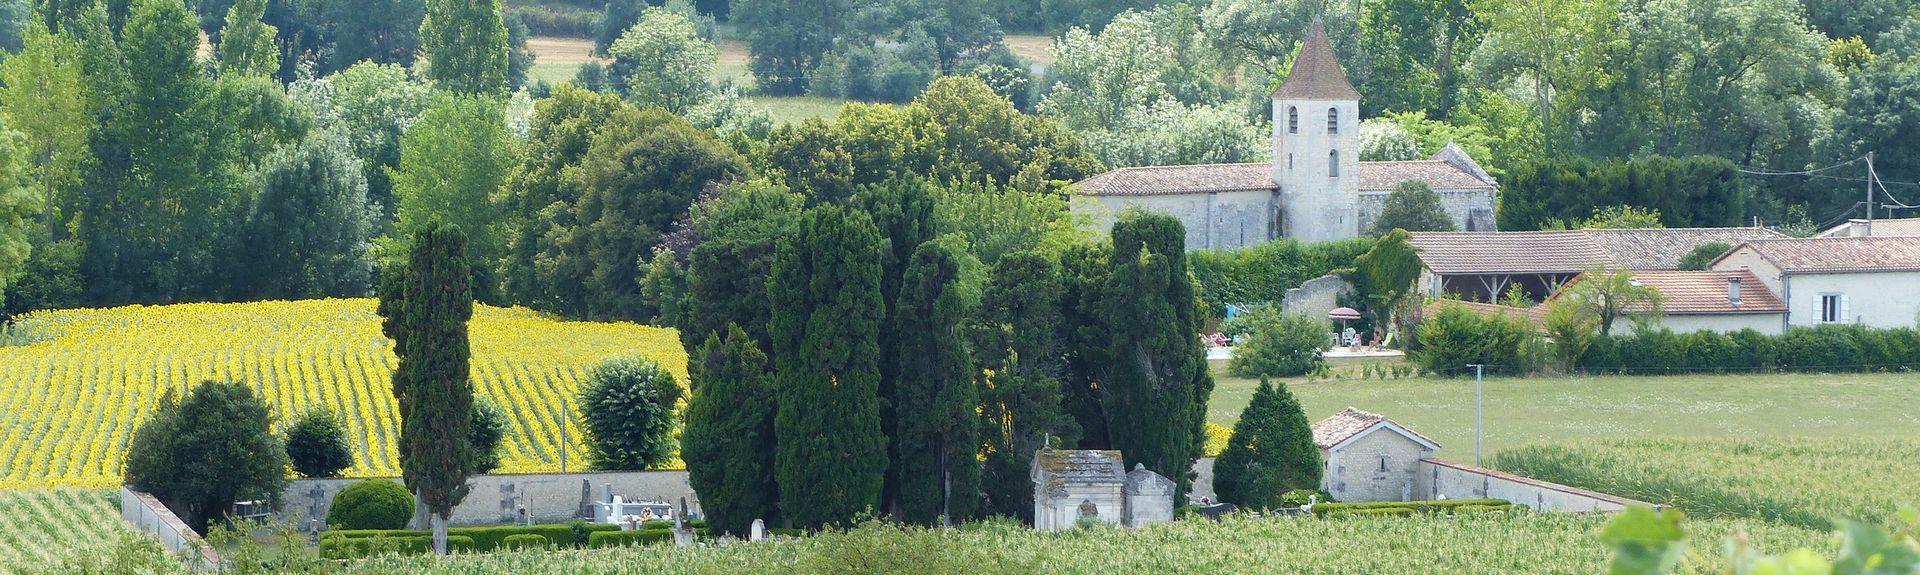 Barbezieux-Saint-Hilaire, Aquitaine Limousin Poitou-Charentes, Frankrike